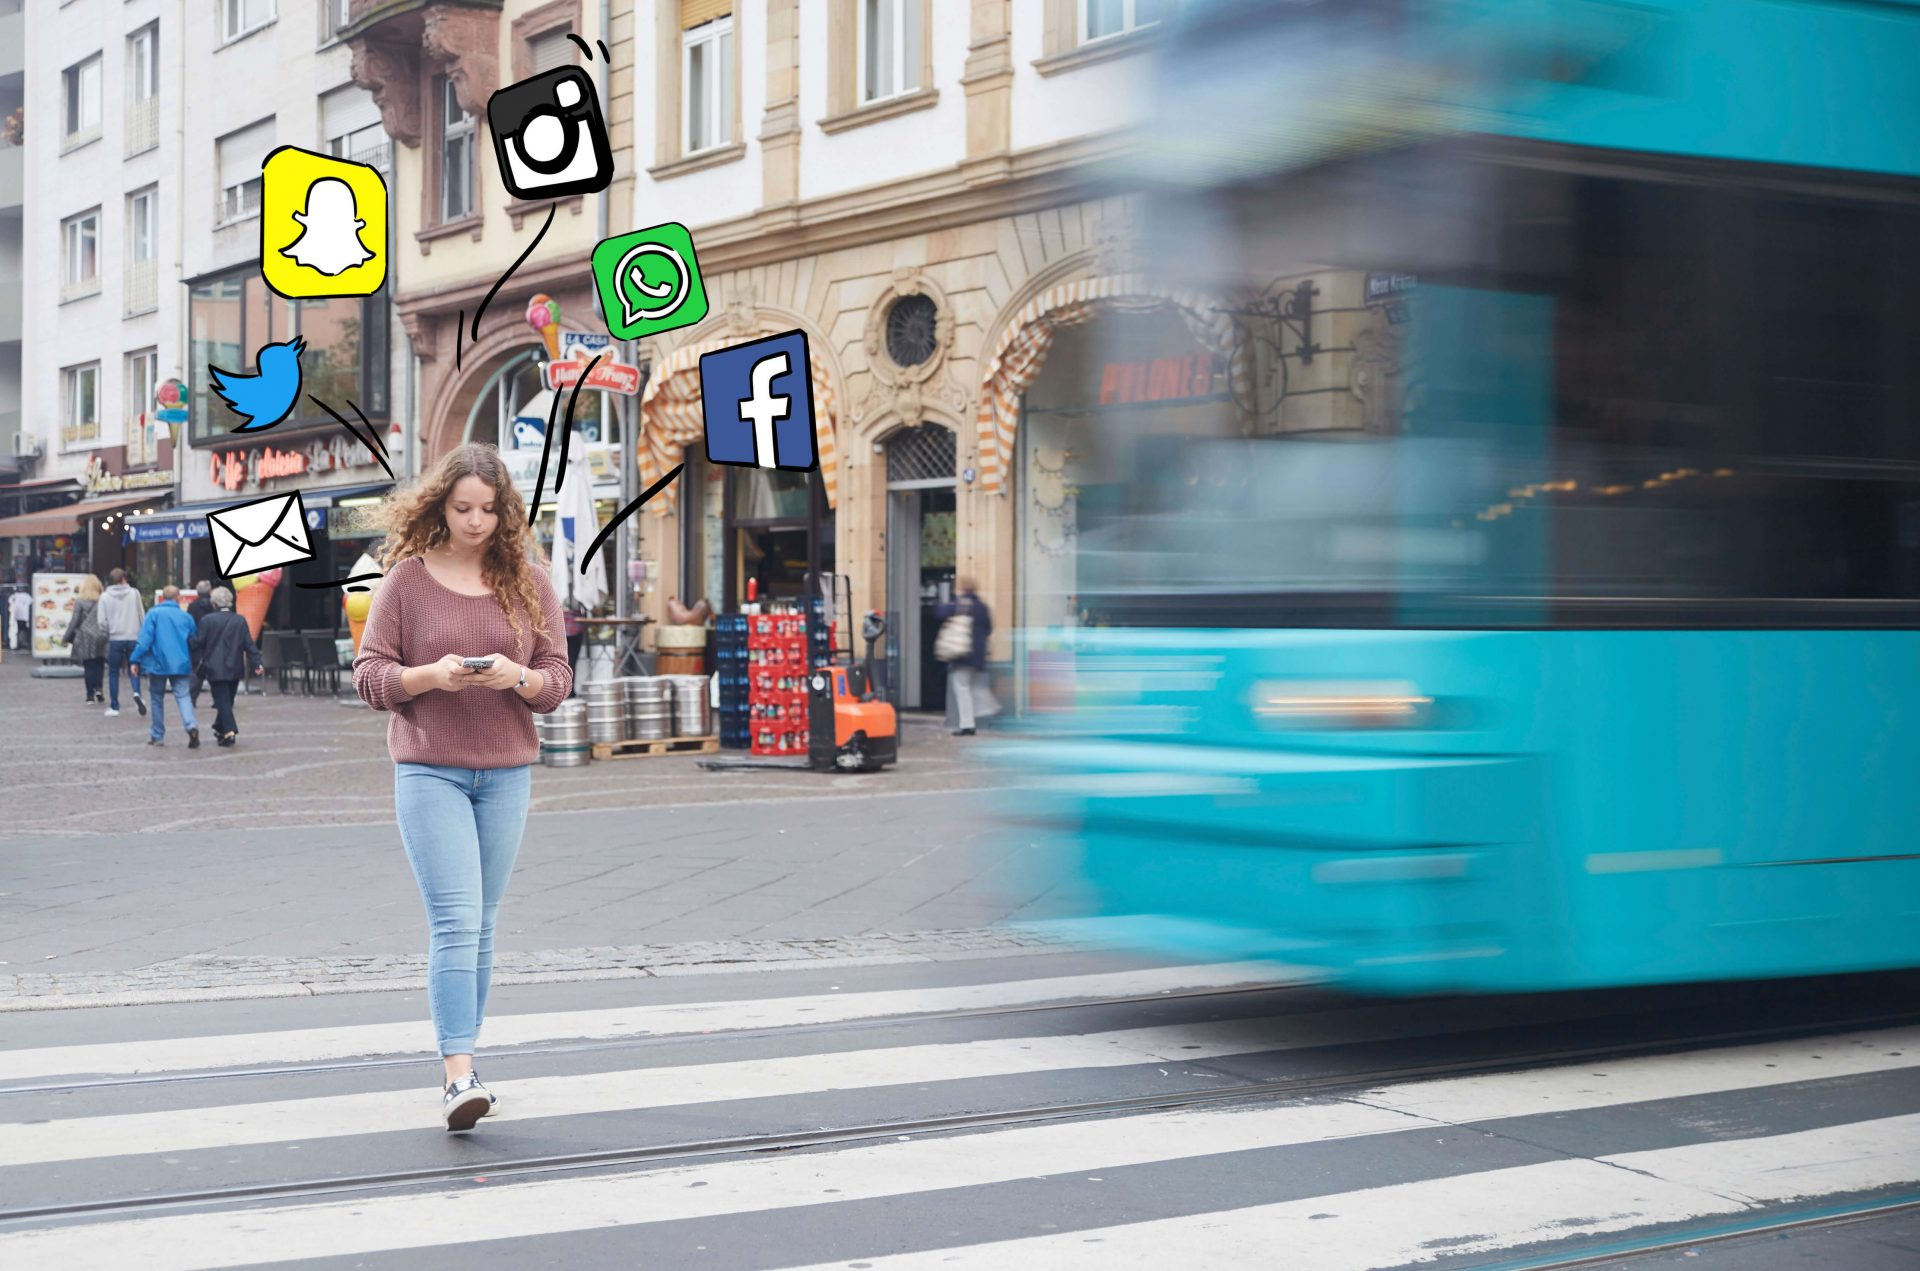 Junge Frau schaut beim Überqueren der Schienen über einen Zebrastreifen auf ihr Handy, um sie herum sind Social Media Icons gemalt, während die Bahn näher kommt.